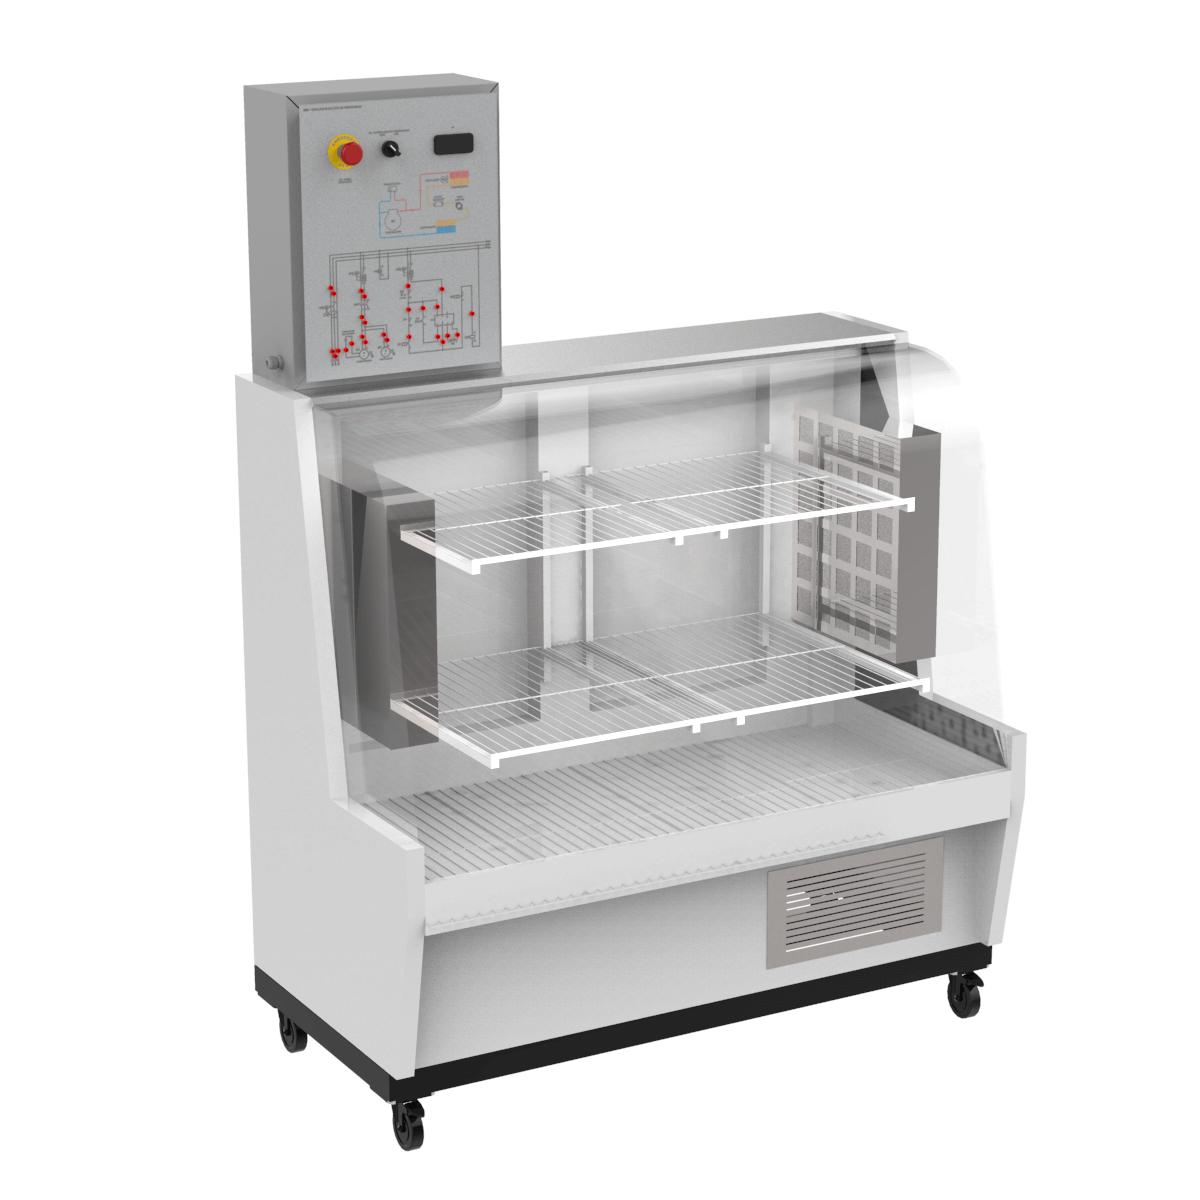 lab-de-refrigeracao-comercial-bancada-didatica-balcao-de-refrigeracao-auttom-2